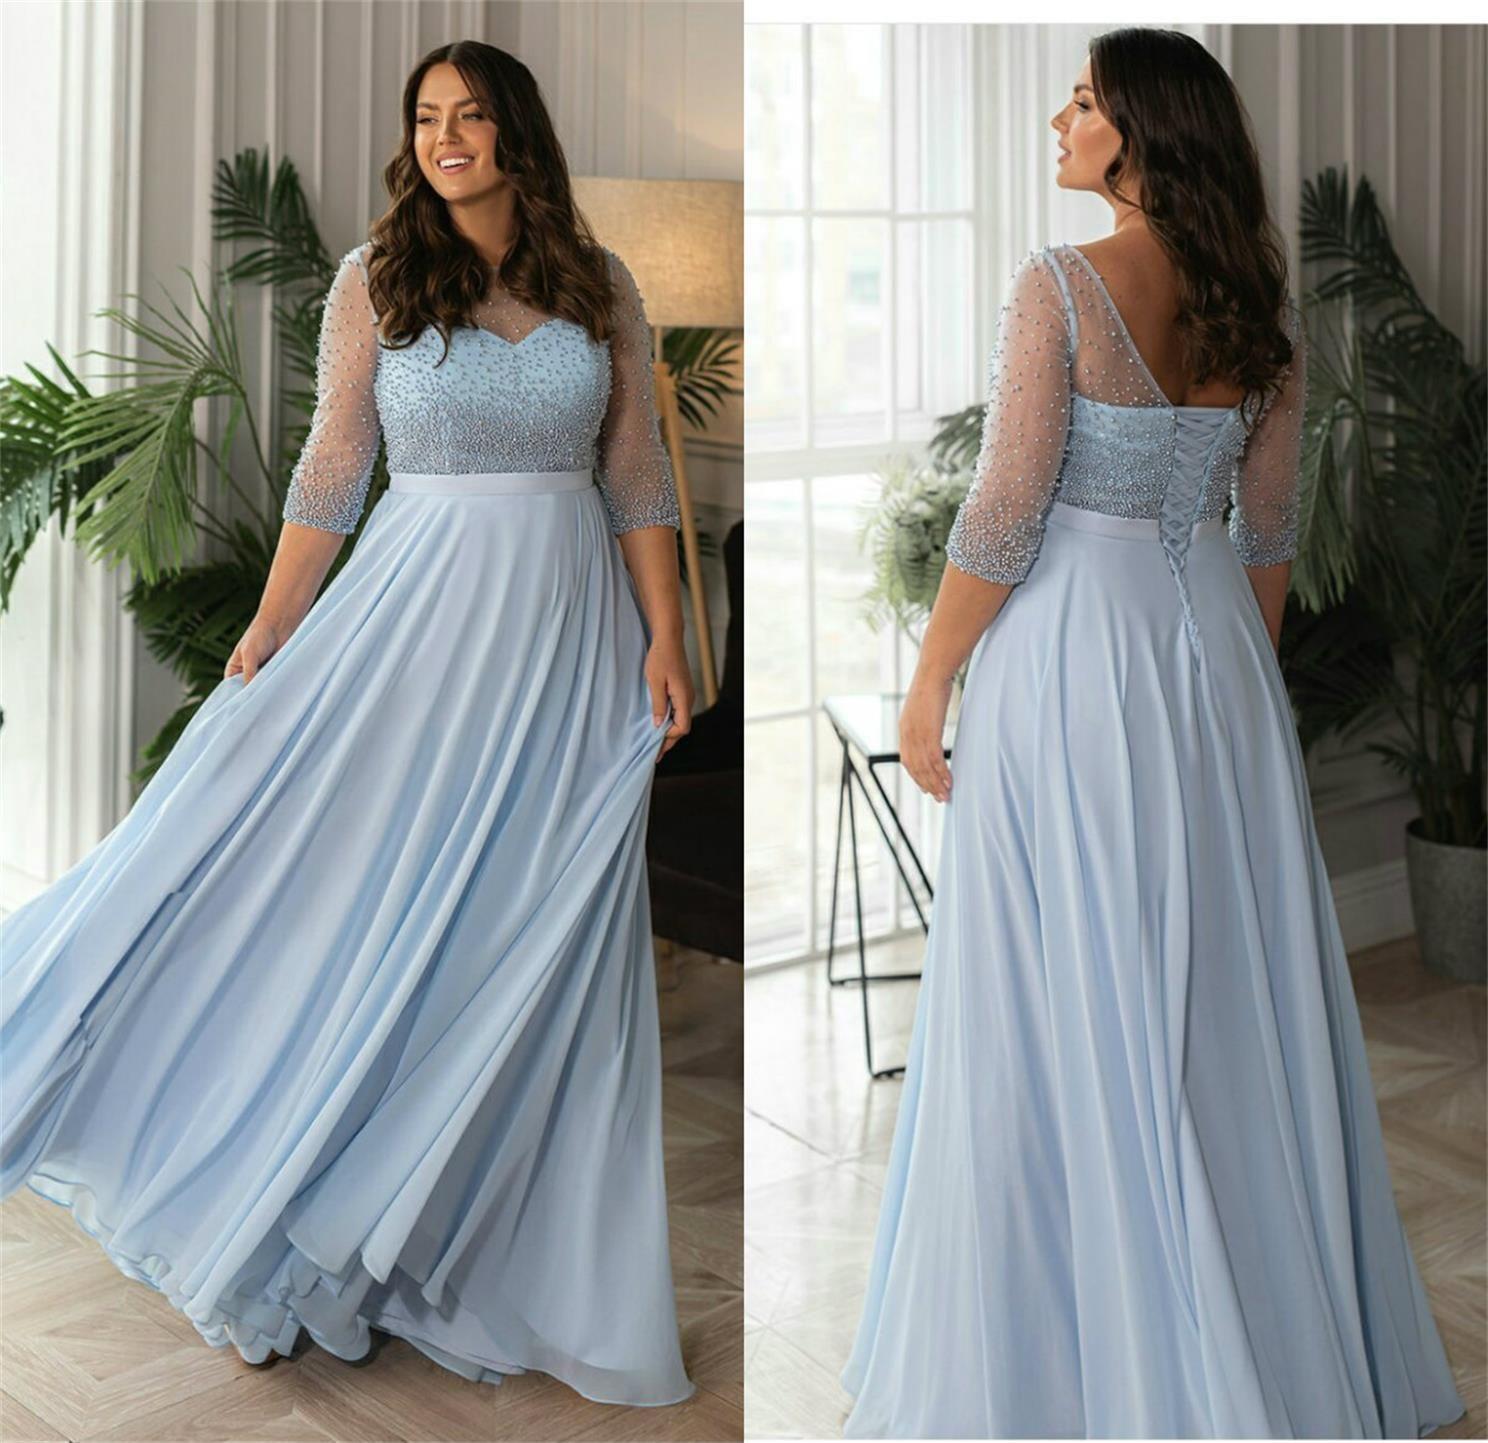 Plus size vestidos de noite personalizados feitos frisados vestido de baile de baile de jóias comprimento de piso formal vestidos de festa